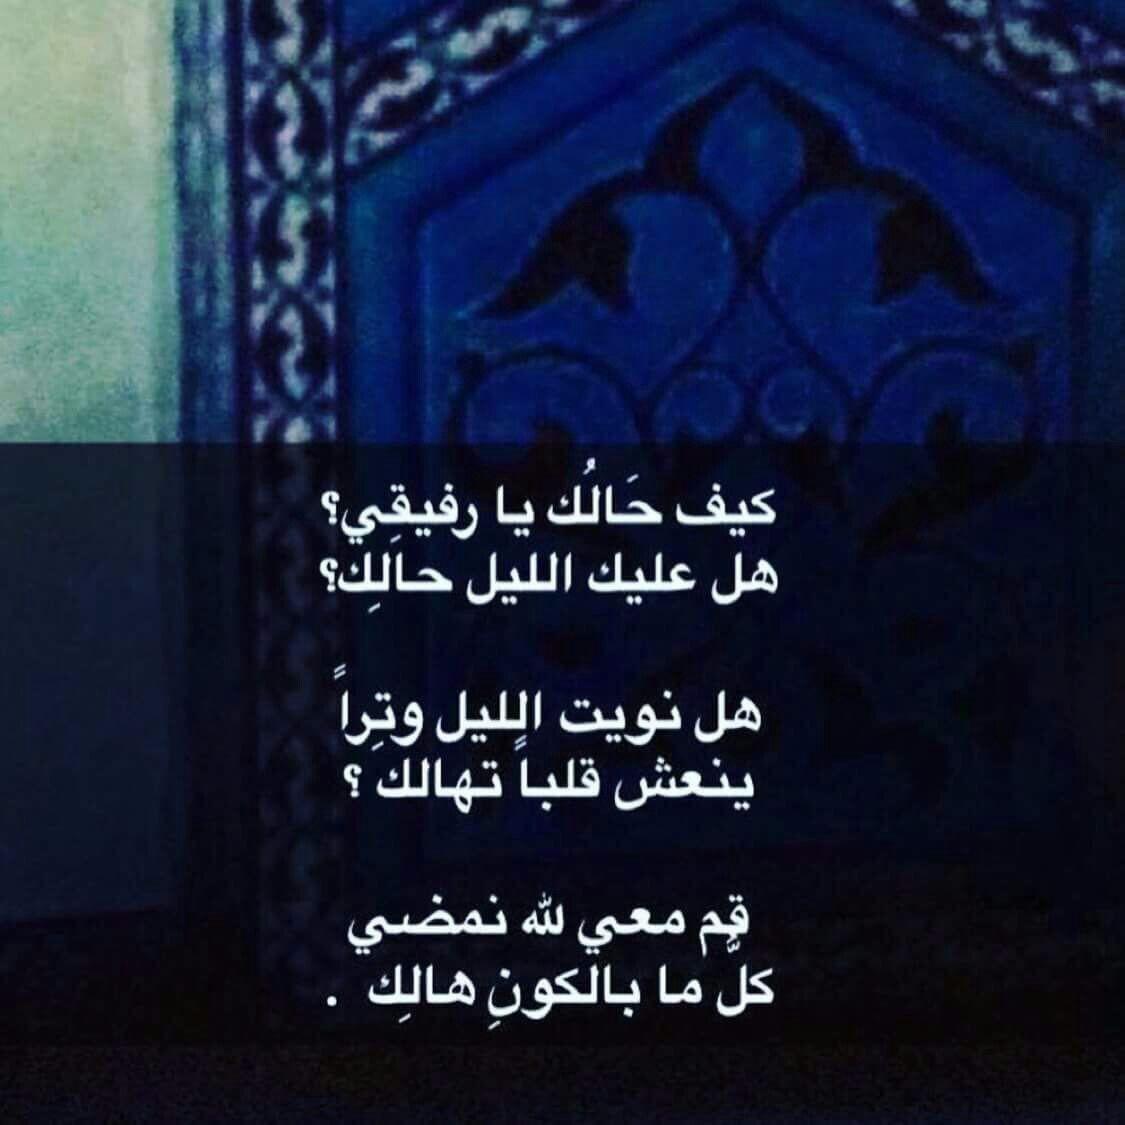 ركعة يركعها العبد في جوف الليل خير له من الدنيا وما فيها صلاة الوتر تضيء الق بر فتذكروها صلاة الوتر إن أكرمكم عند الله أتقاك Quran Verses Words Verse